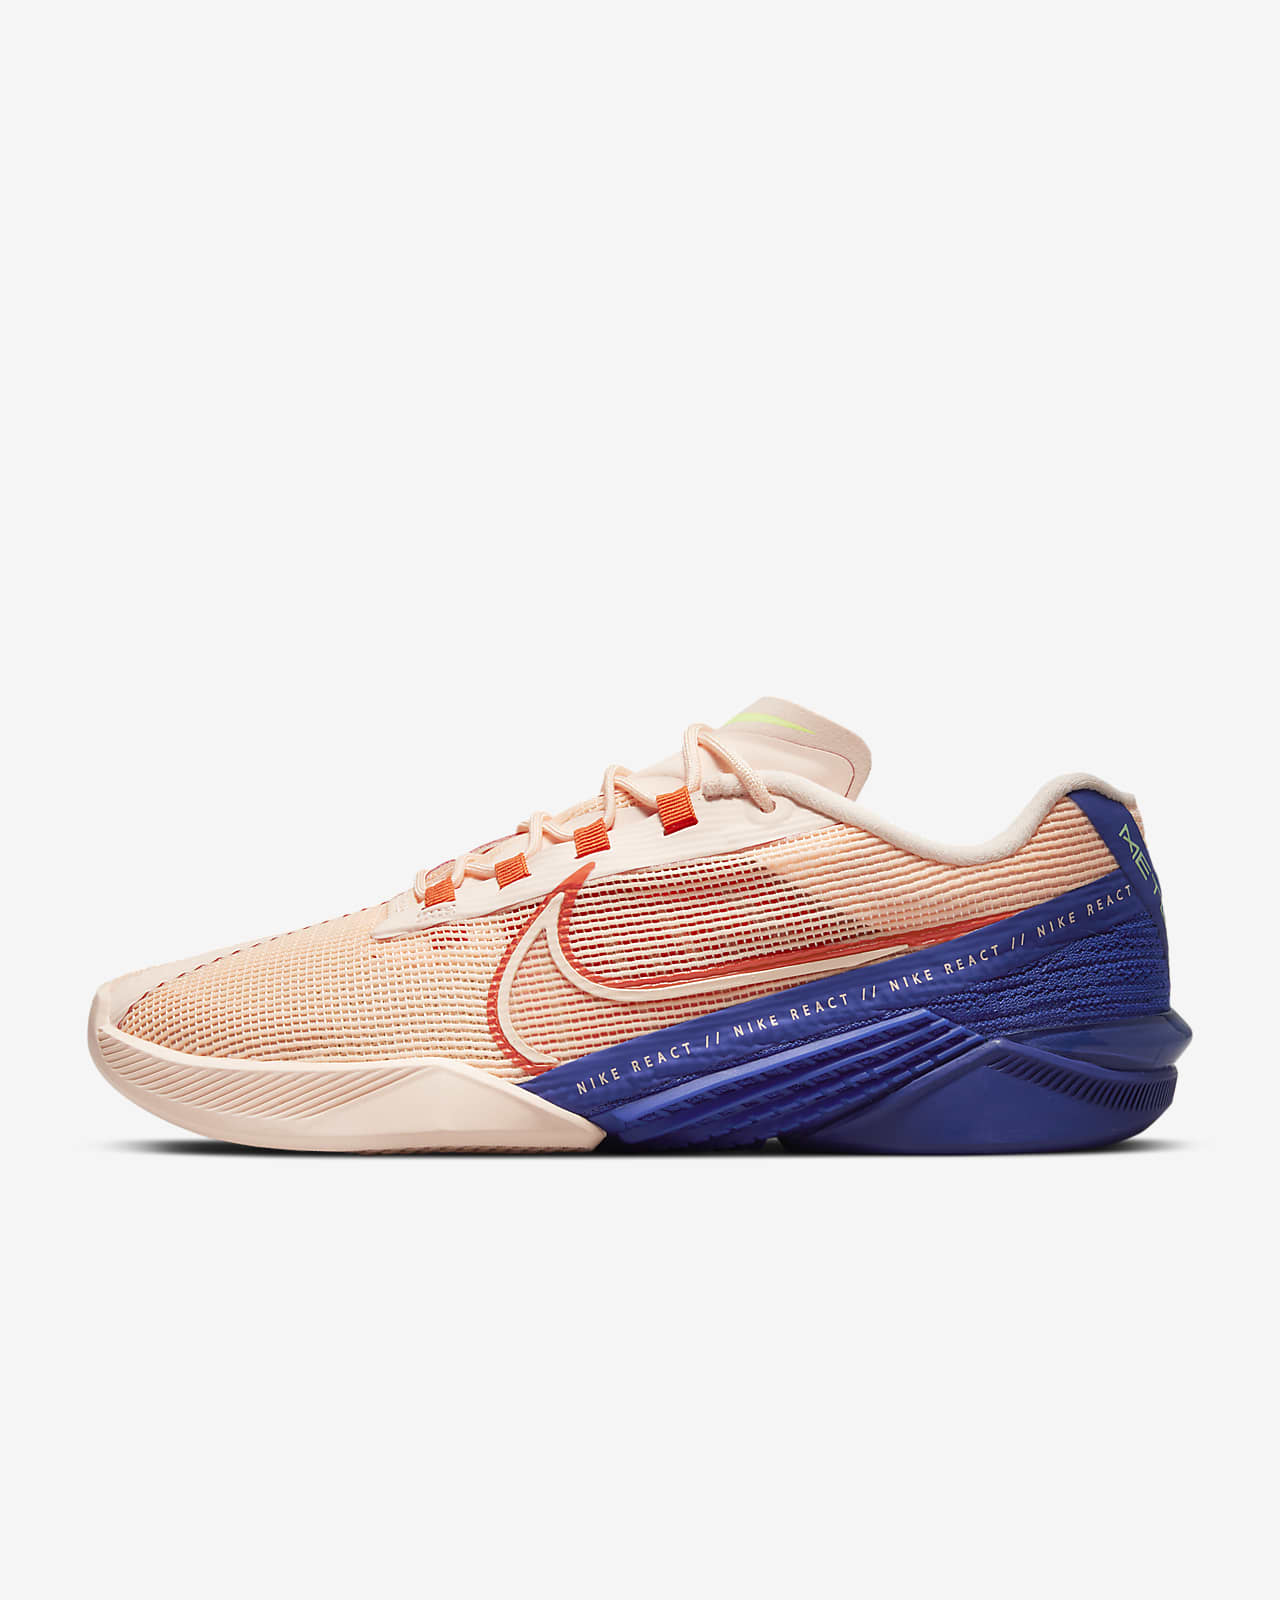 Träningssko Nike React Metcon Turbo för kvinnor